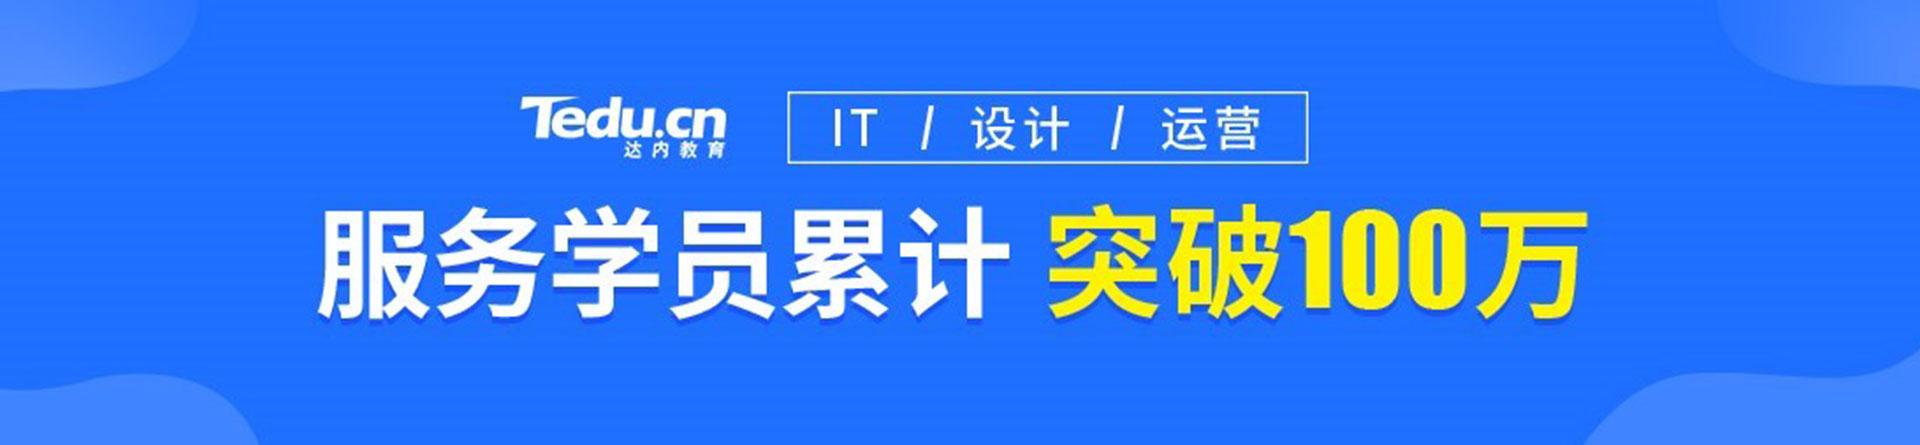 郑州程序开发教育